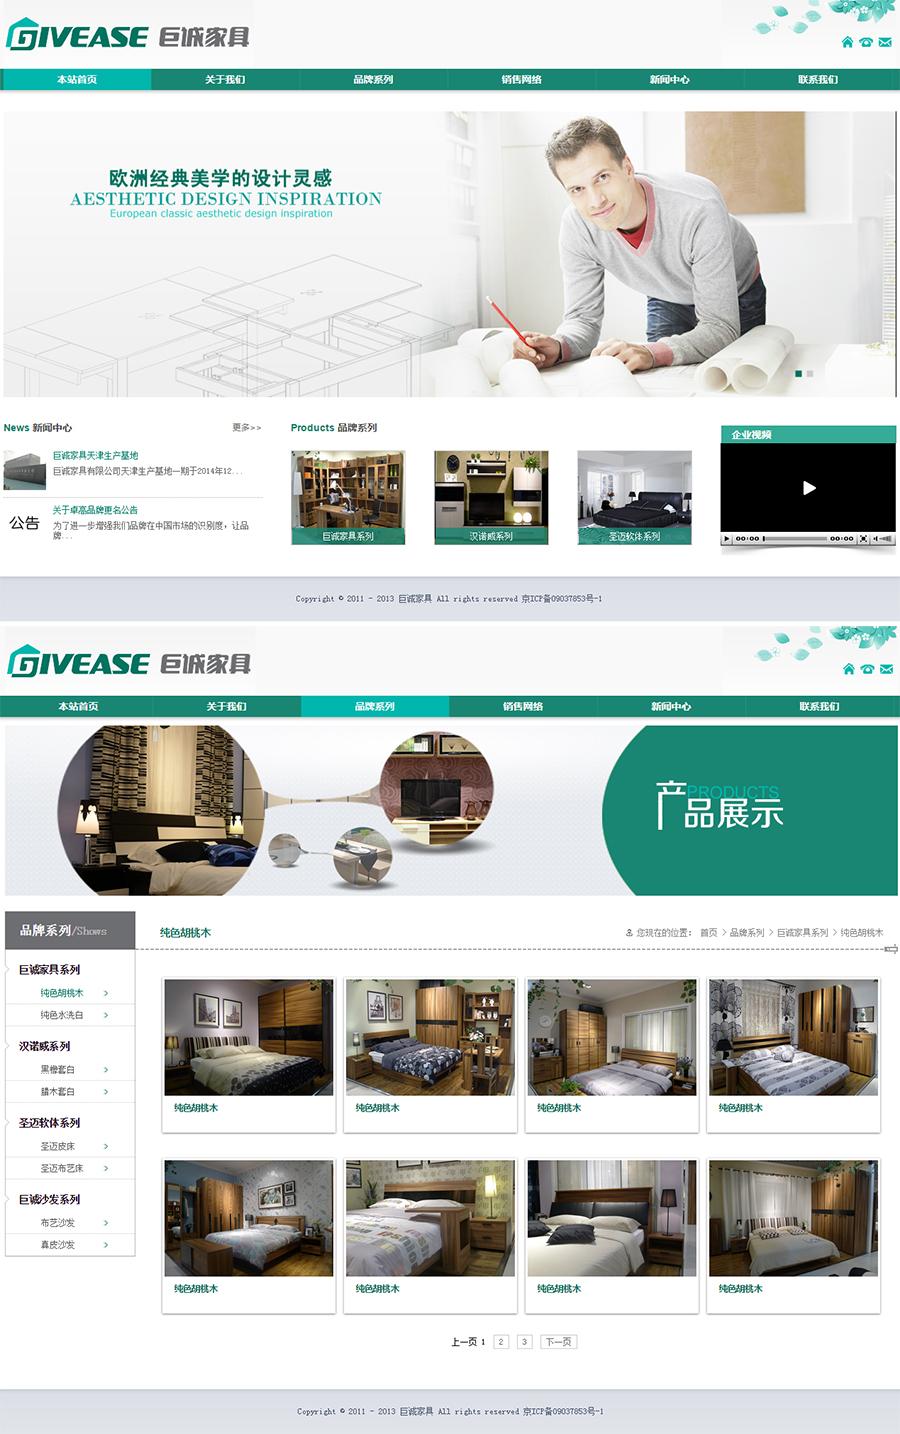 模板建站_模板网站精品-模板建站公司-公司模板网站-商城模板网站-源码6